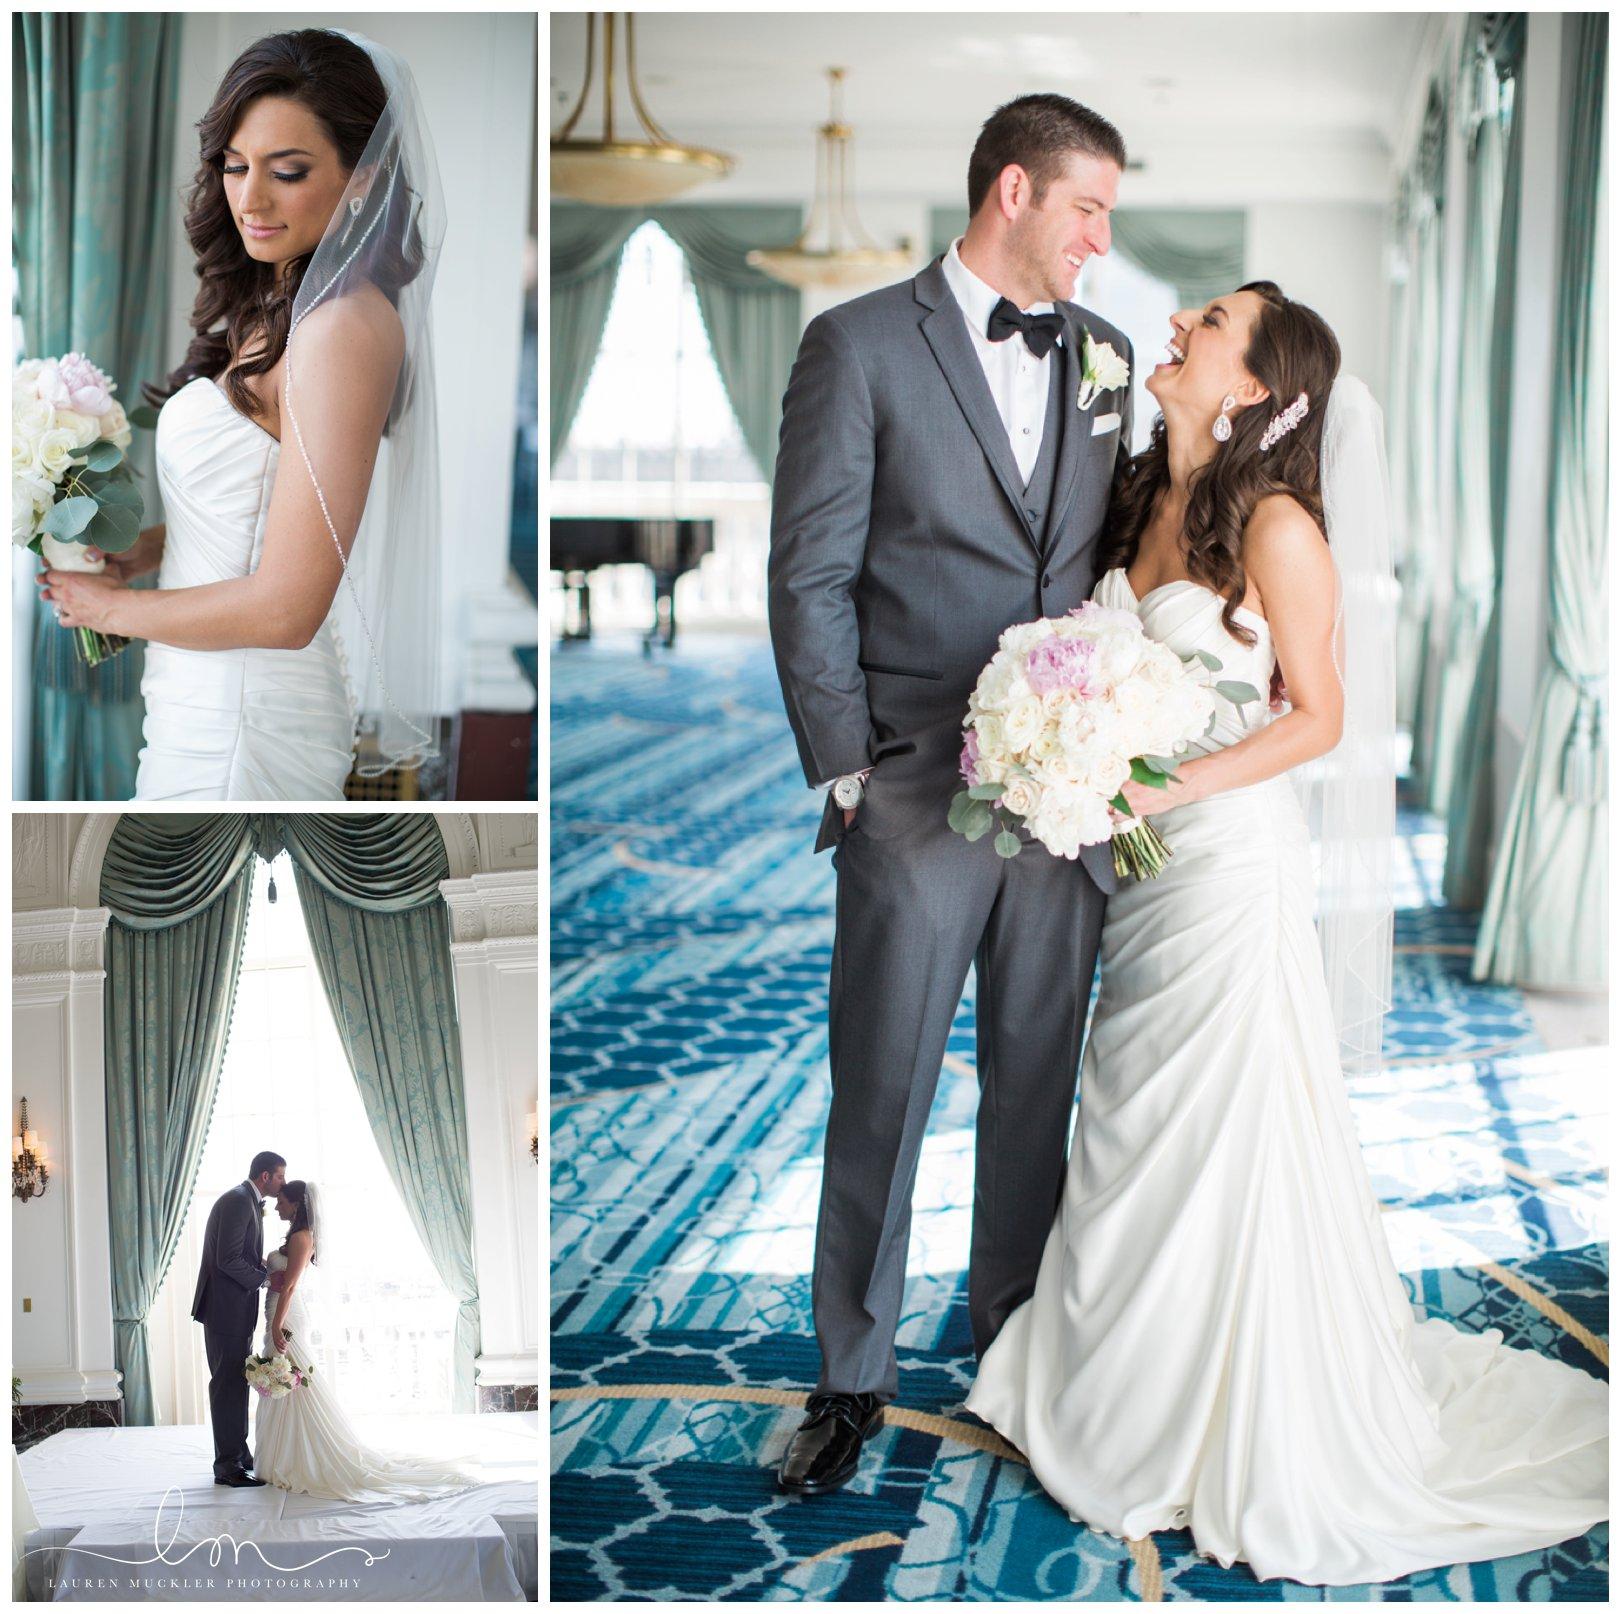 lauren muckler photography_fine art film wedding photography_st louis_photography_0262.jpg